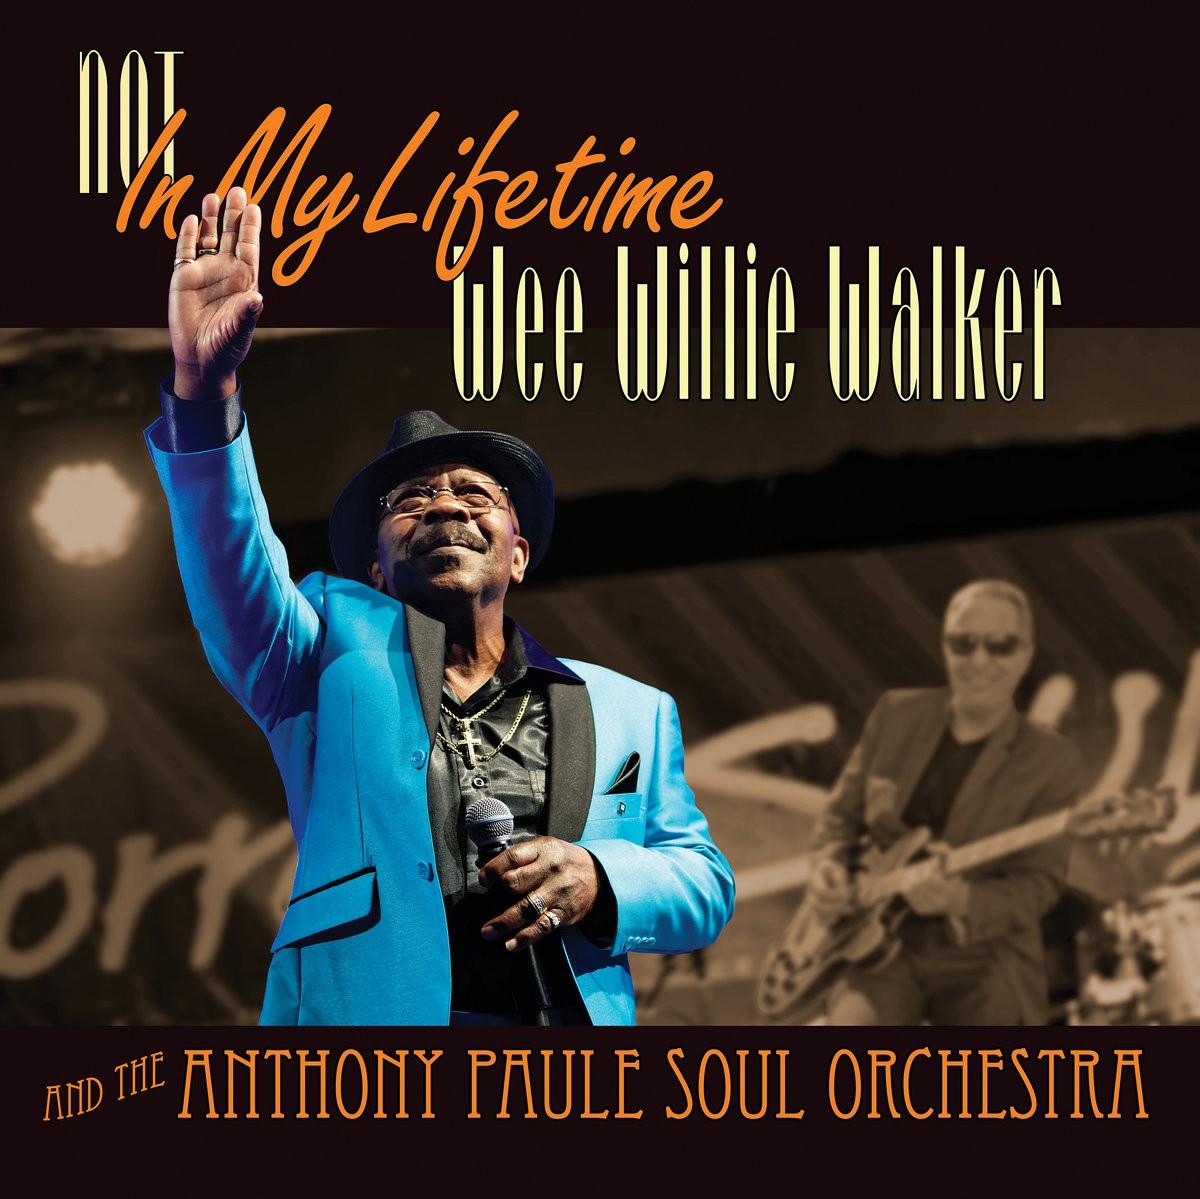 Wee Willie Walker - Not In My Lifetime